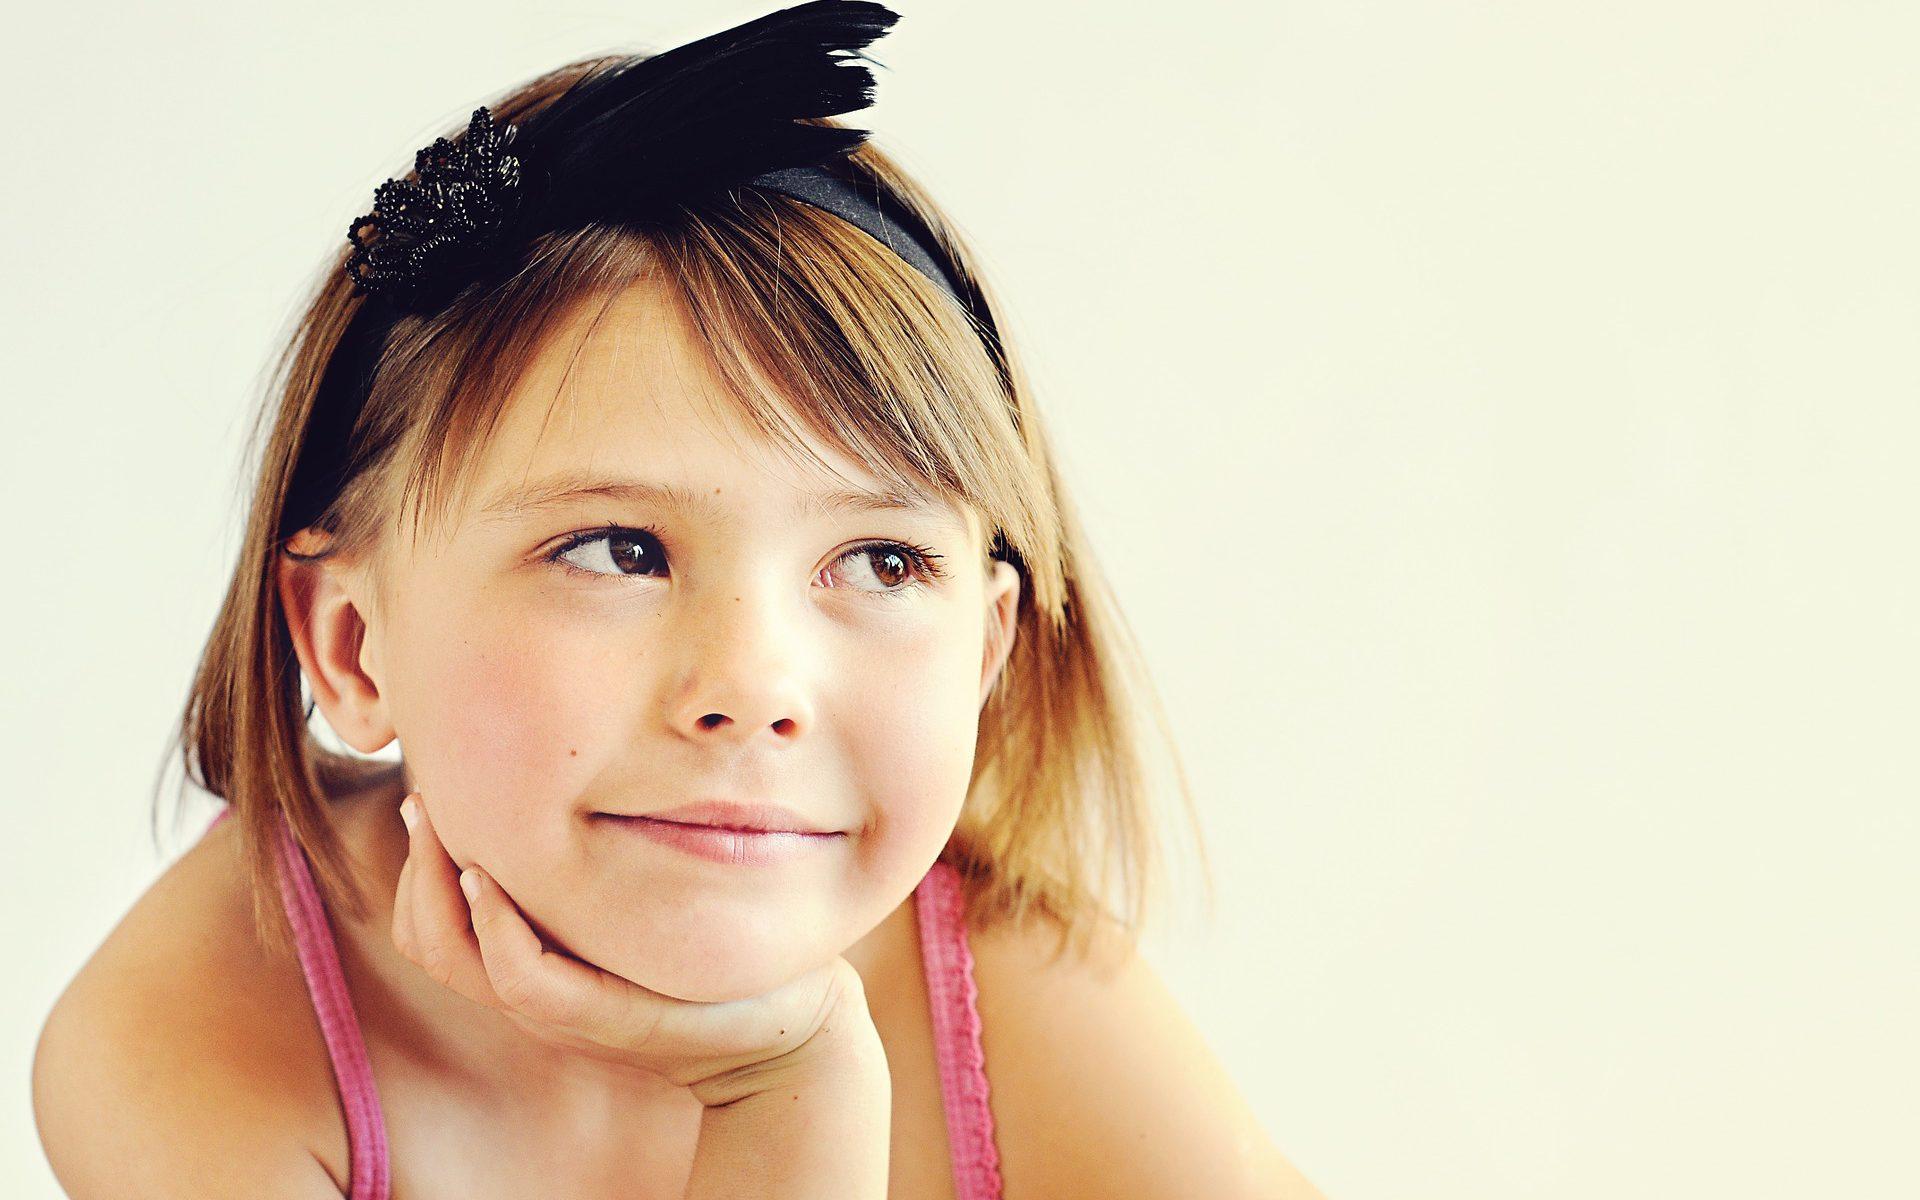 תספורת לילדים- אלה הדברים שחשוב לשים אליהם לב